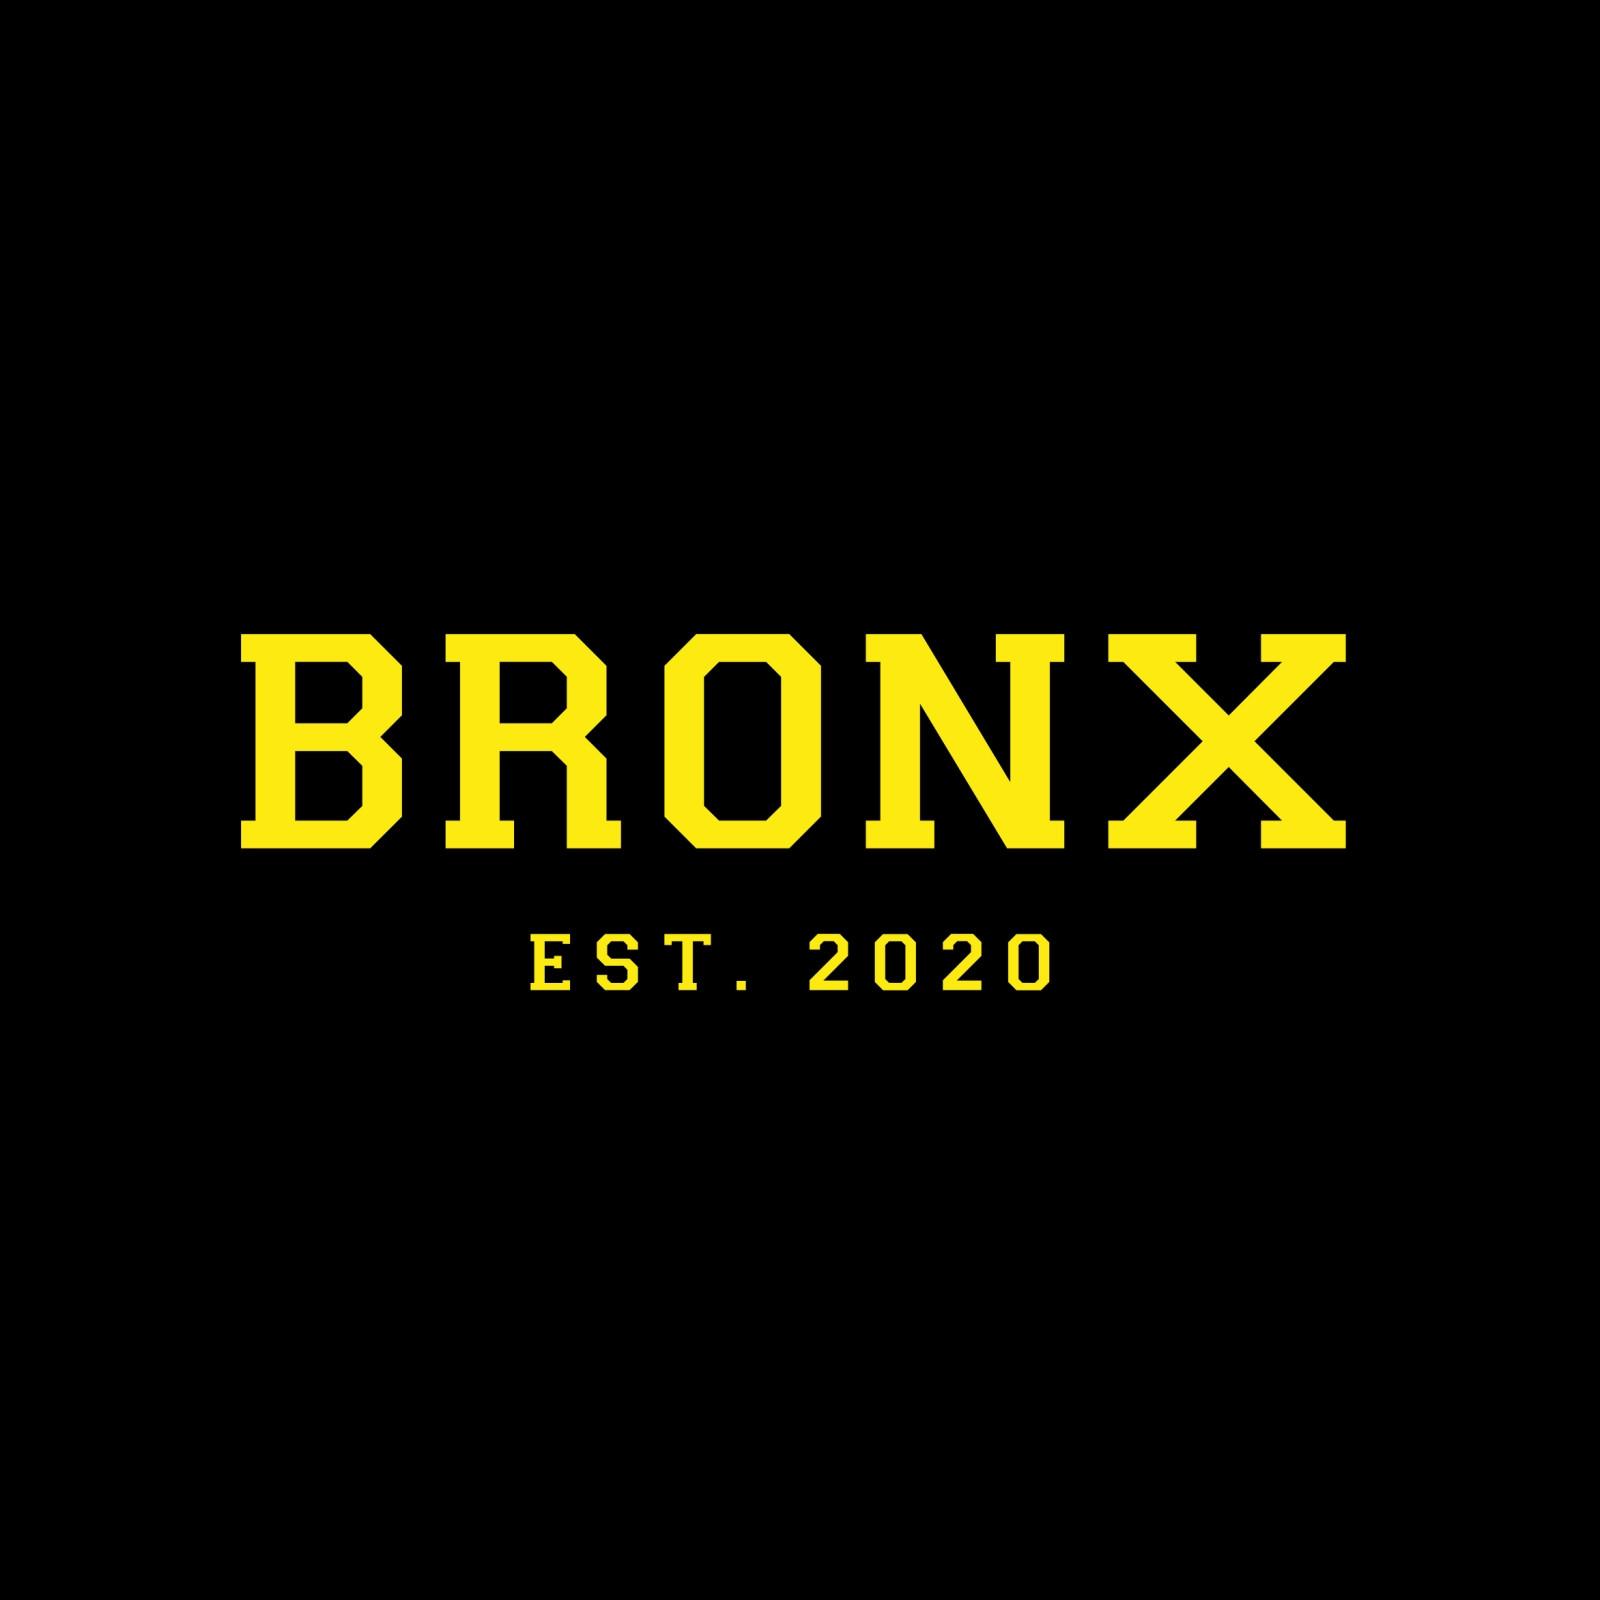 Логотип заведения Bronx